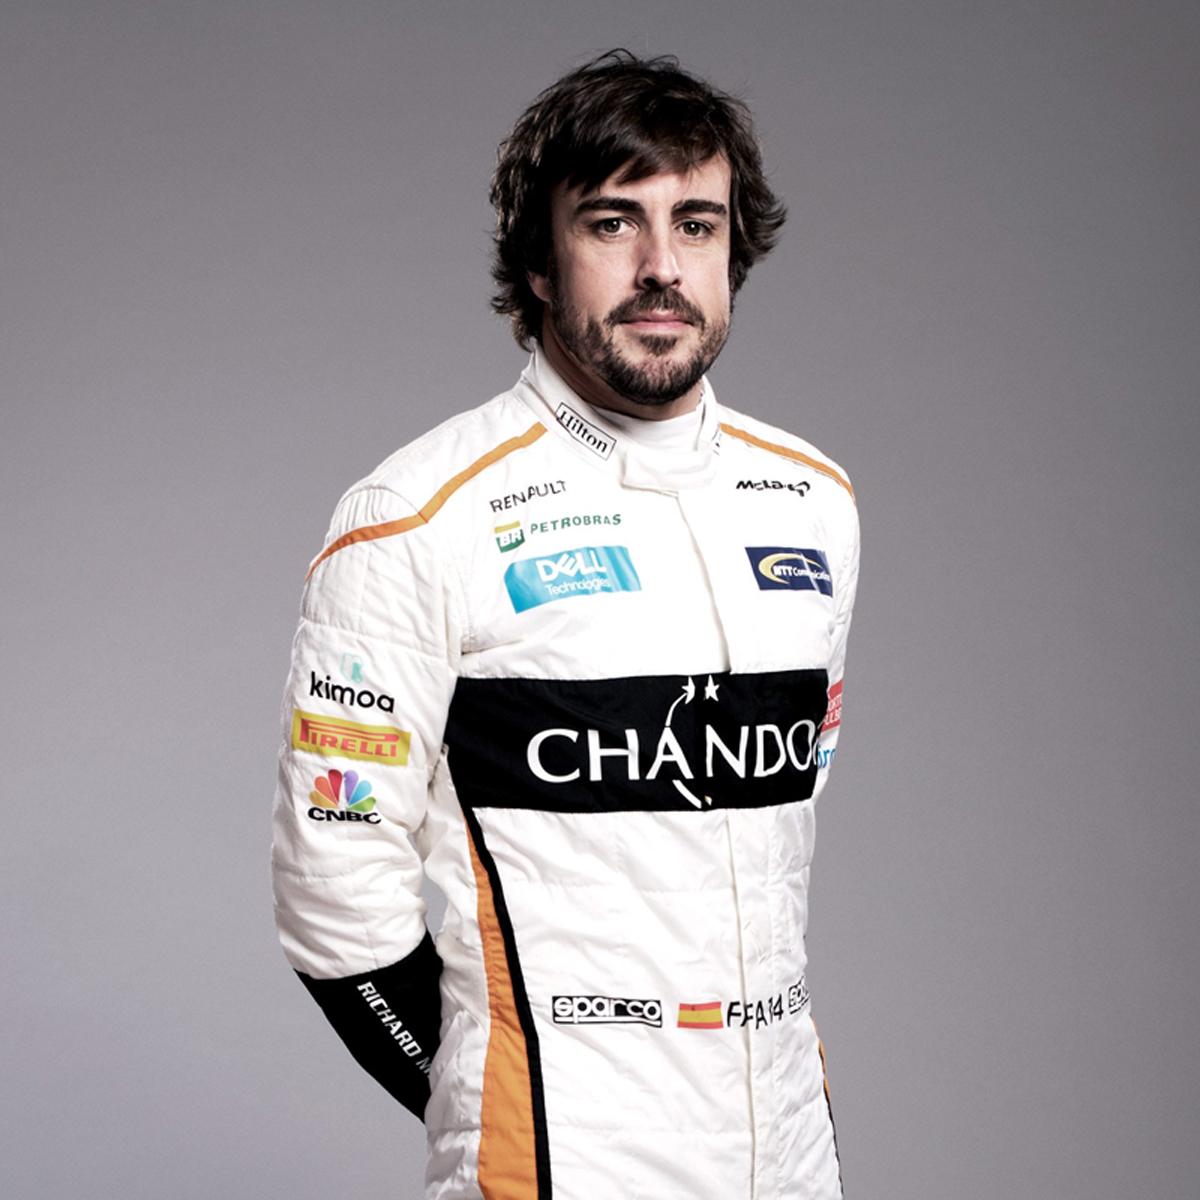 フェルナンド・アロンソ(マクラーレン):2018年 F1レーシングスーツ